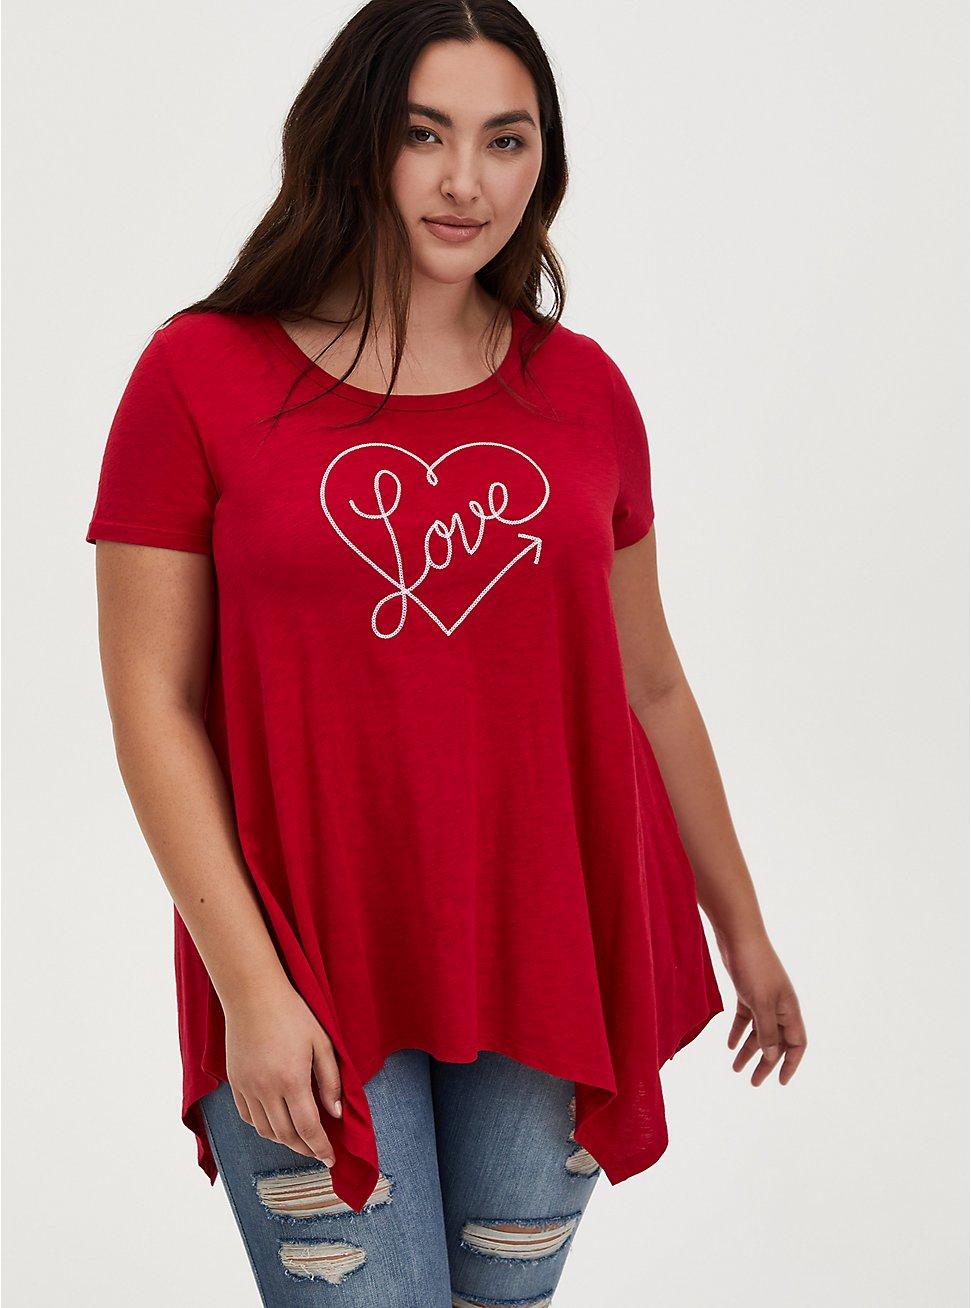 Love Heart Red Slub Jersey Handkerchief Tee, JESTER RED, hi-res